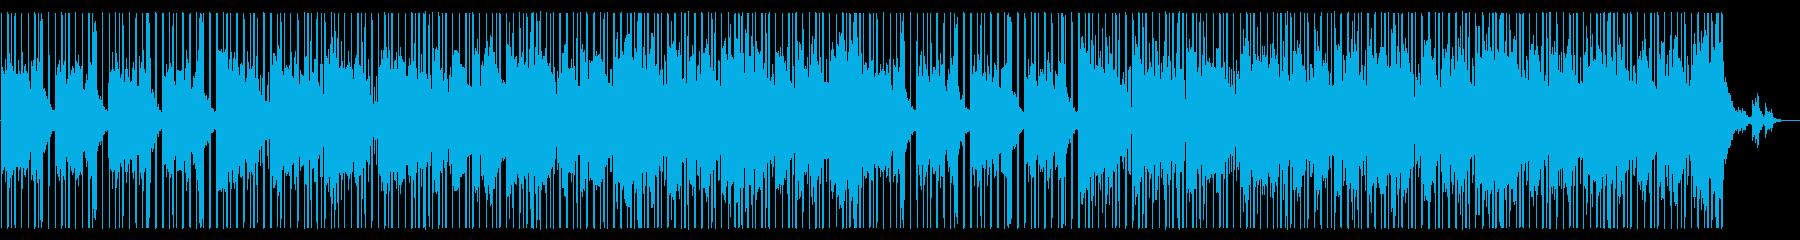 不気味/緊迫/テクノ_No546の再生済みの波形